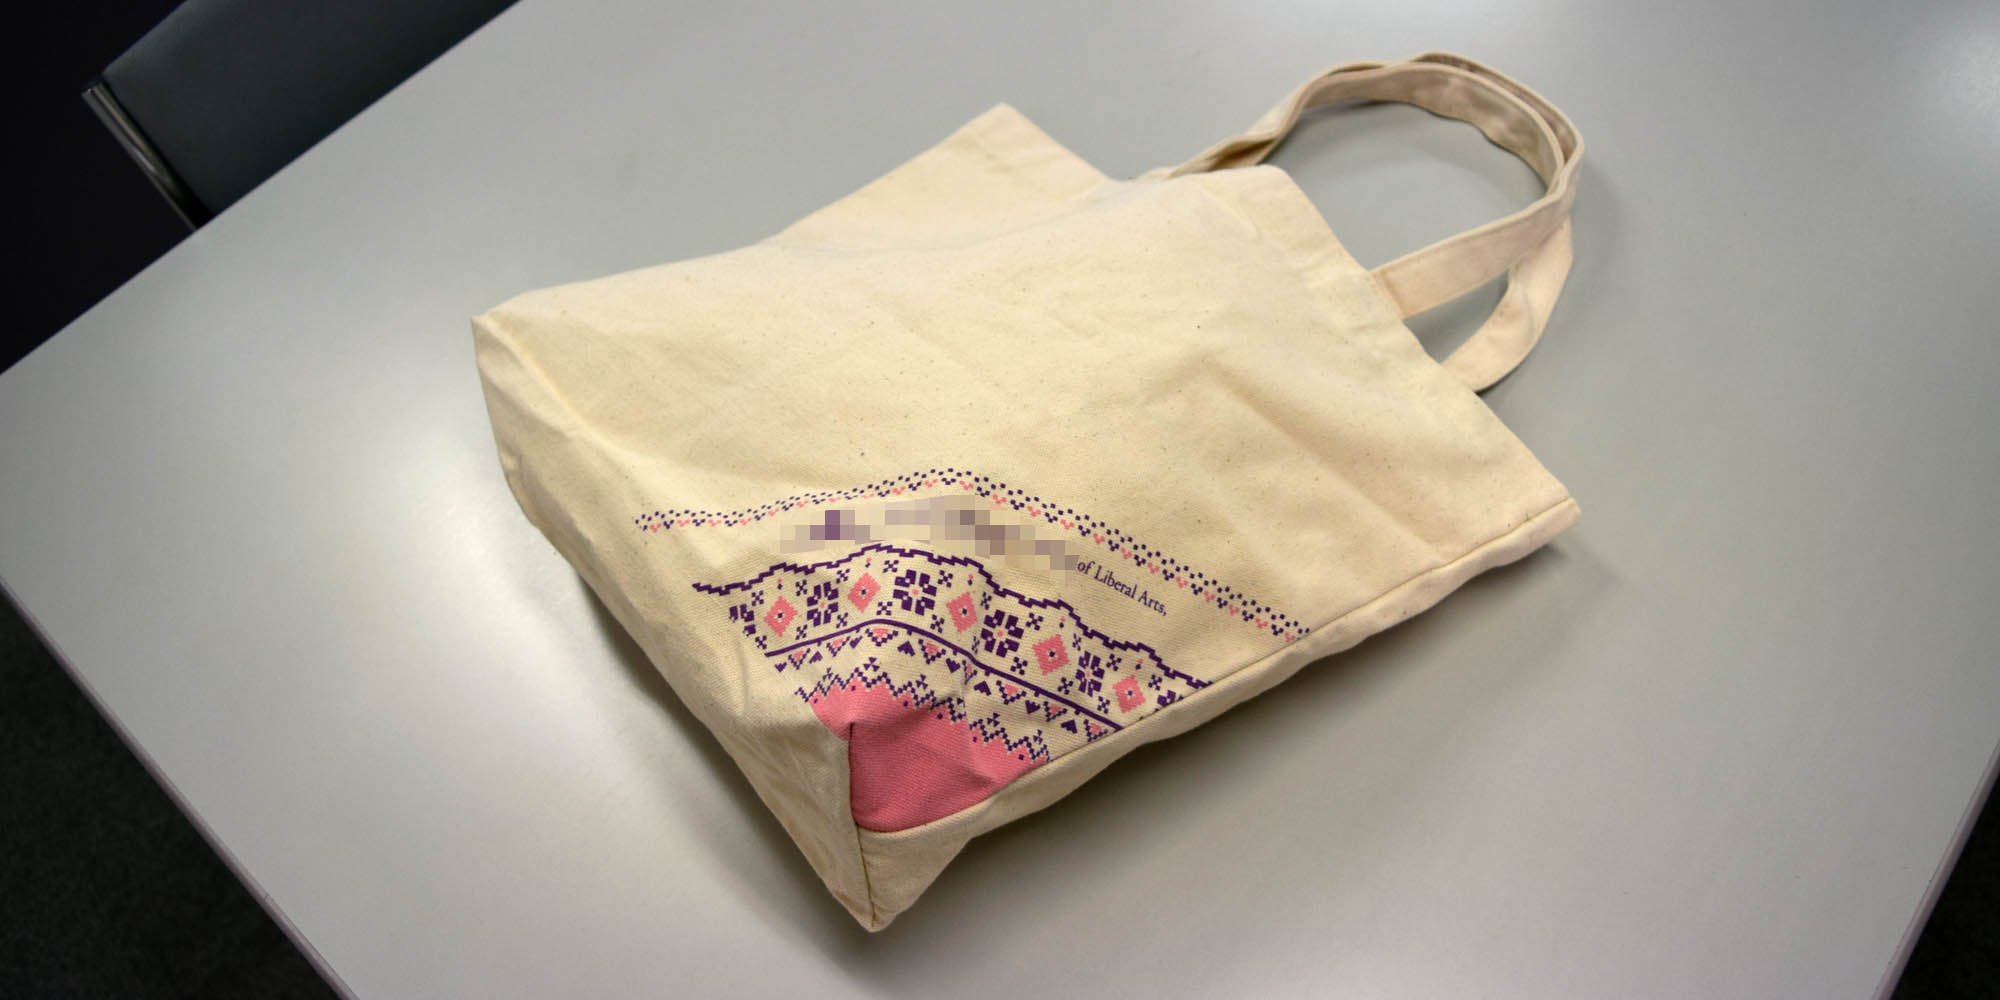 環境に配慮した天然素材仕様の帆布(コットン)エコバッグ。オープンキャンパス用